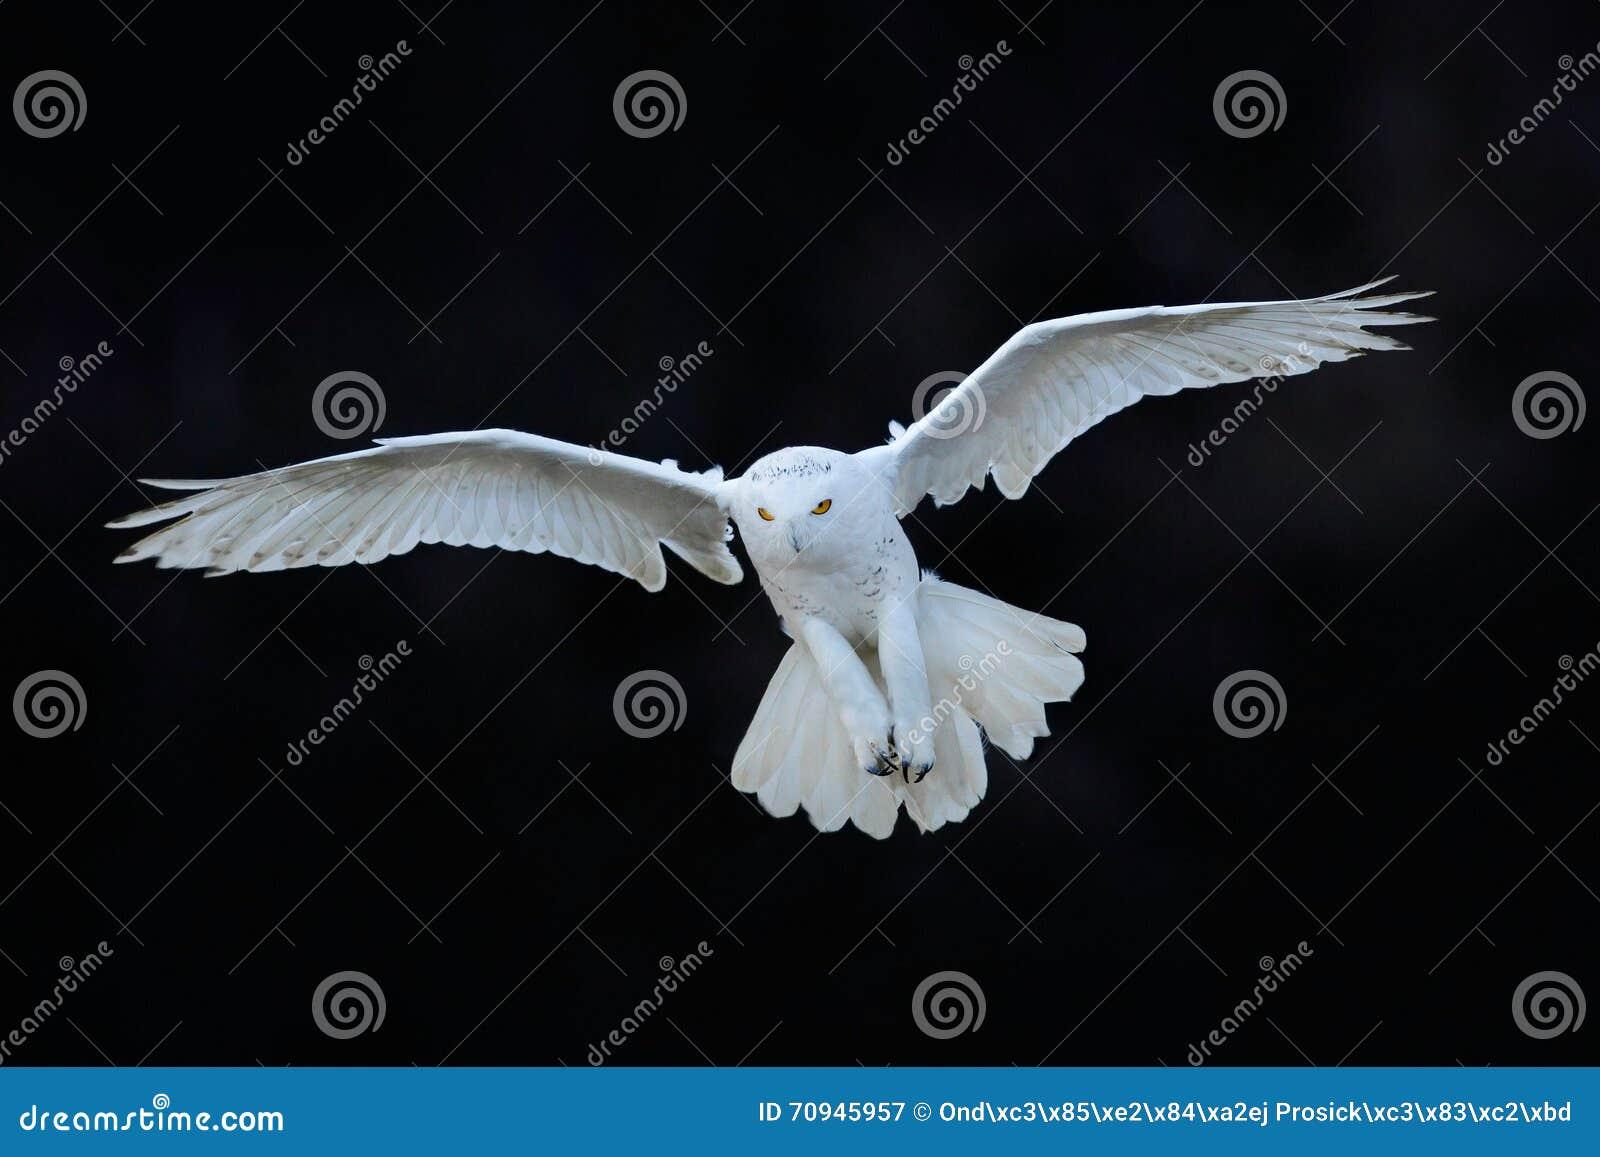 Χιονόγλαυκα, scandiaca Nyctea, άσπρο σπάνιο πουλί που πετά στο σκοτεινό δάσος, σκηνή χειμερινής δράσης με τα ανοικτά φτερά, Καναδ